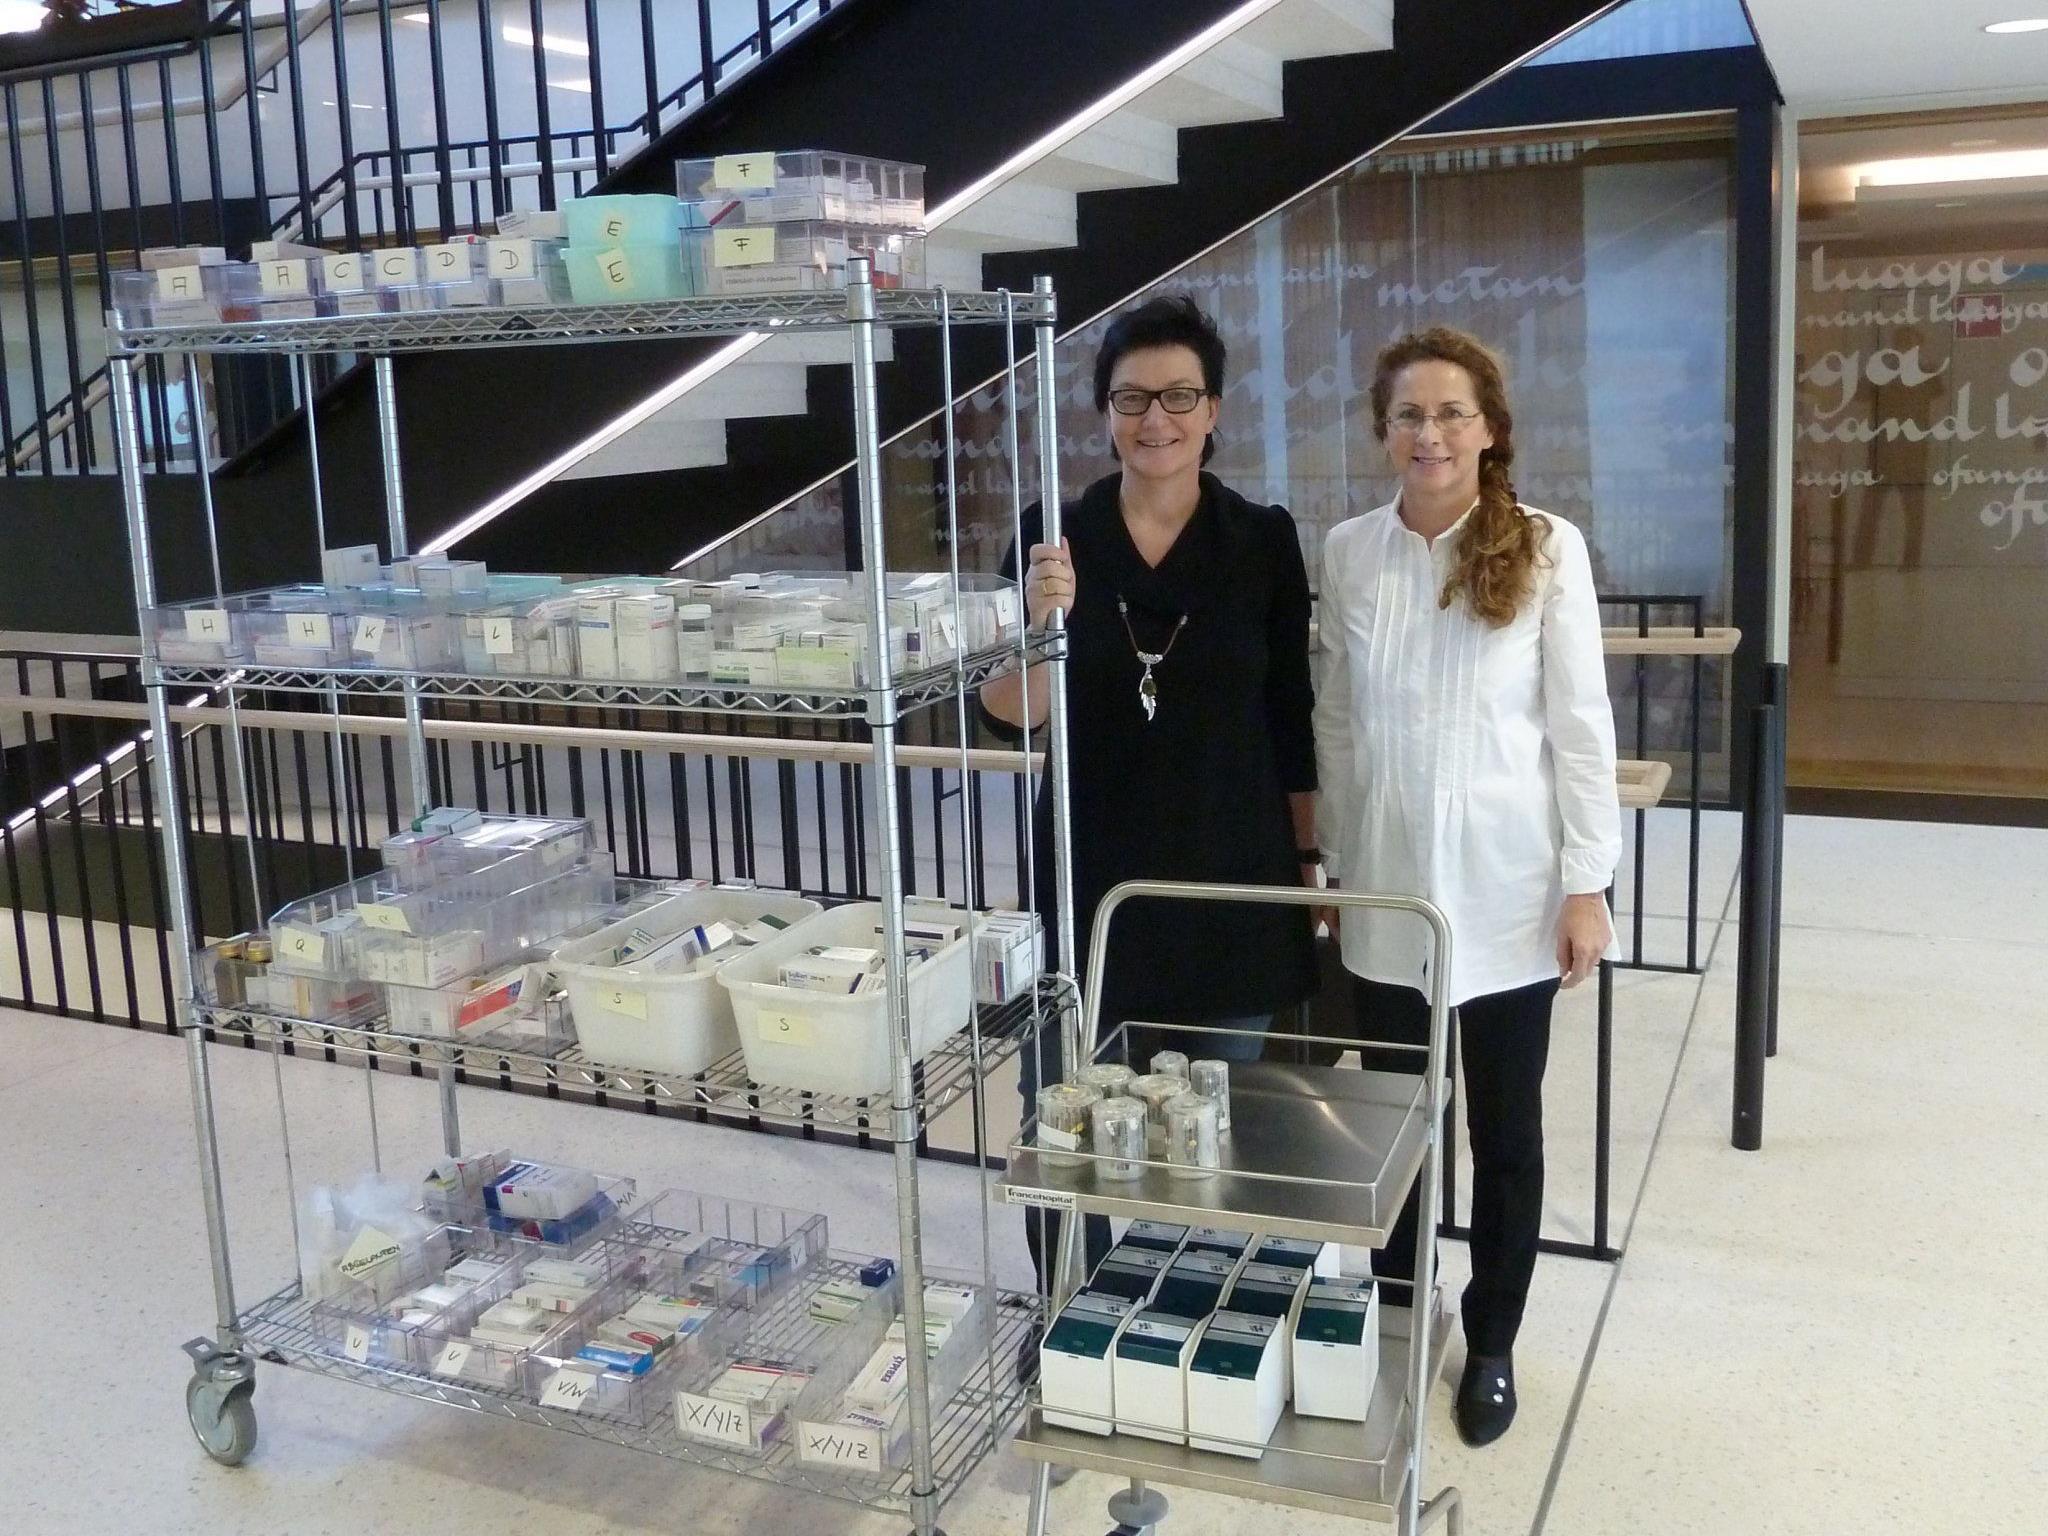 Pflegedienstleitung Monika Sonnweber und Frau Dr. Seidel bei der Umstellung auf Blisterung